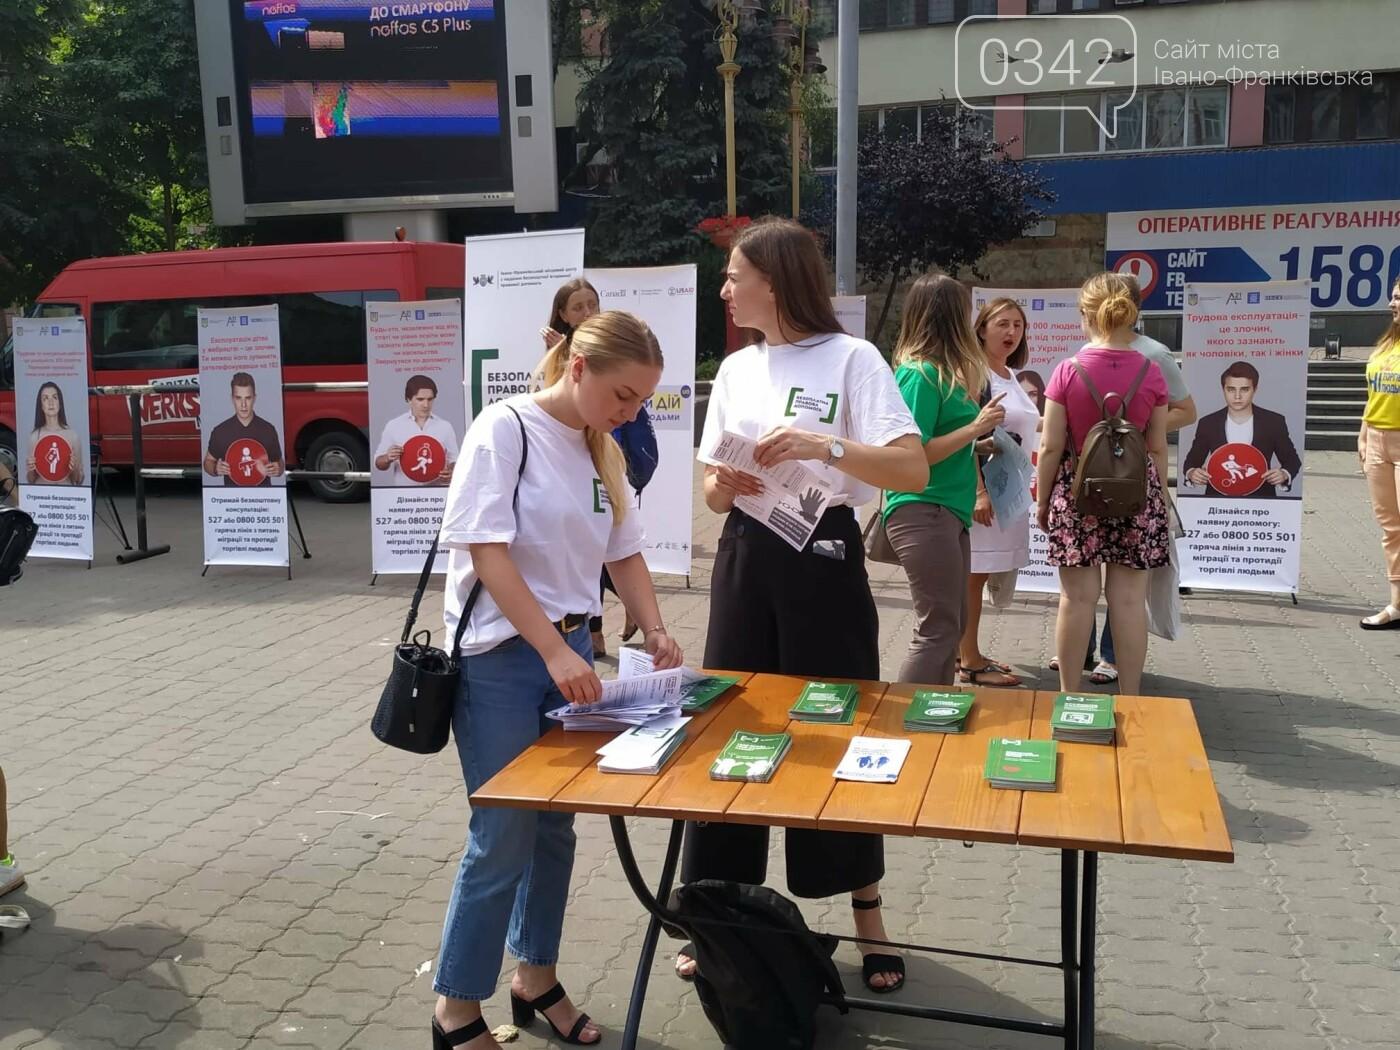 Як не потрапити у рабство: у центрі Франківська проходить квест-лабіринт (ФОТО), фото-1